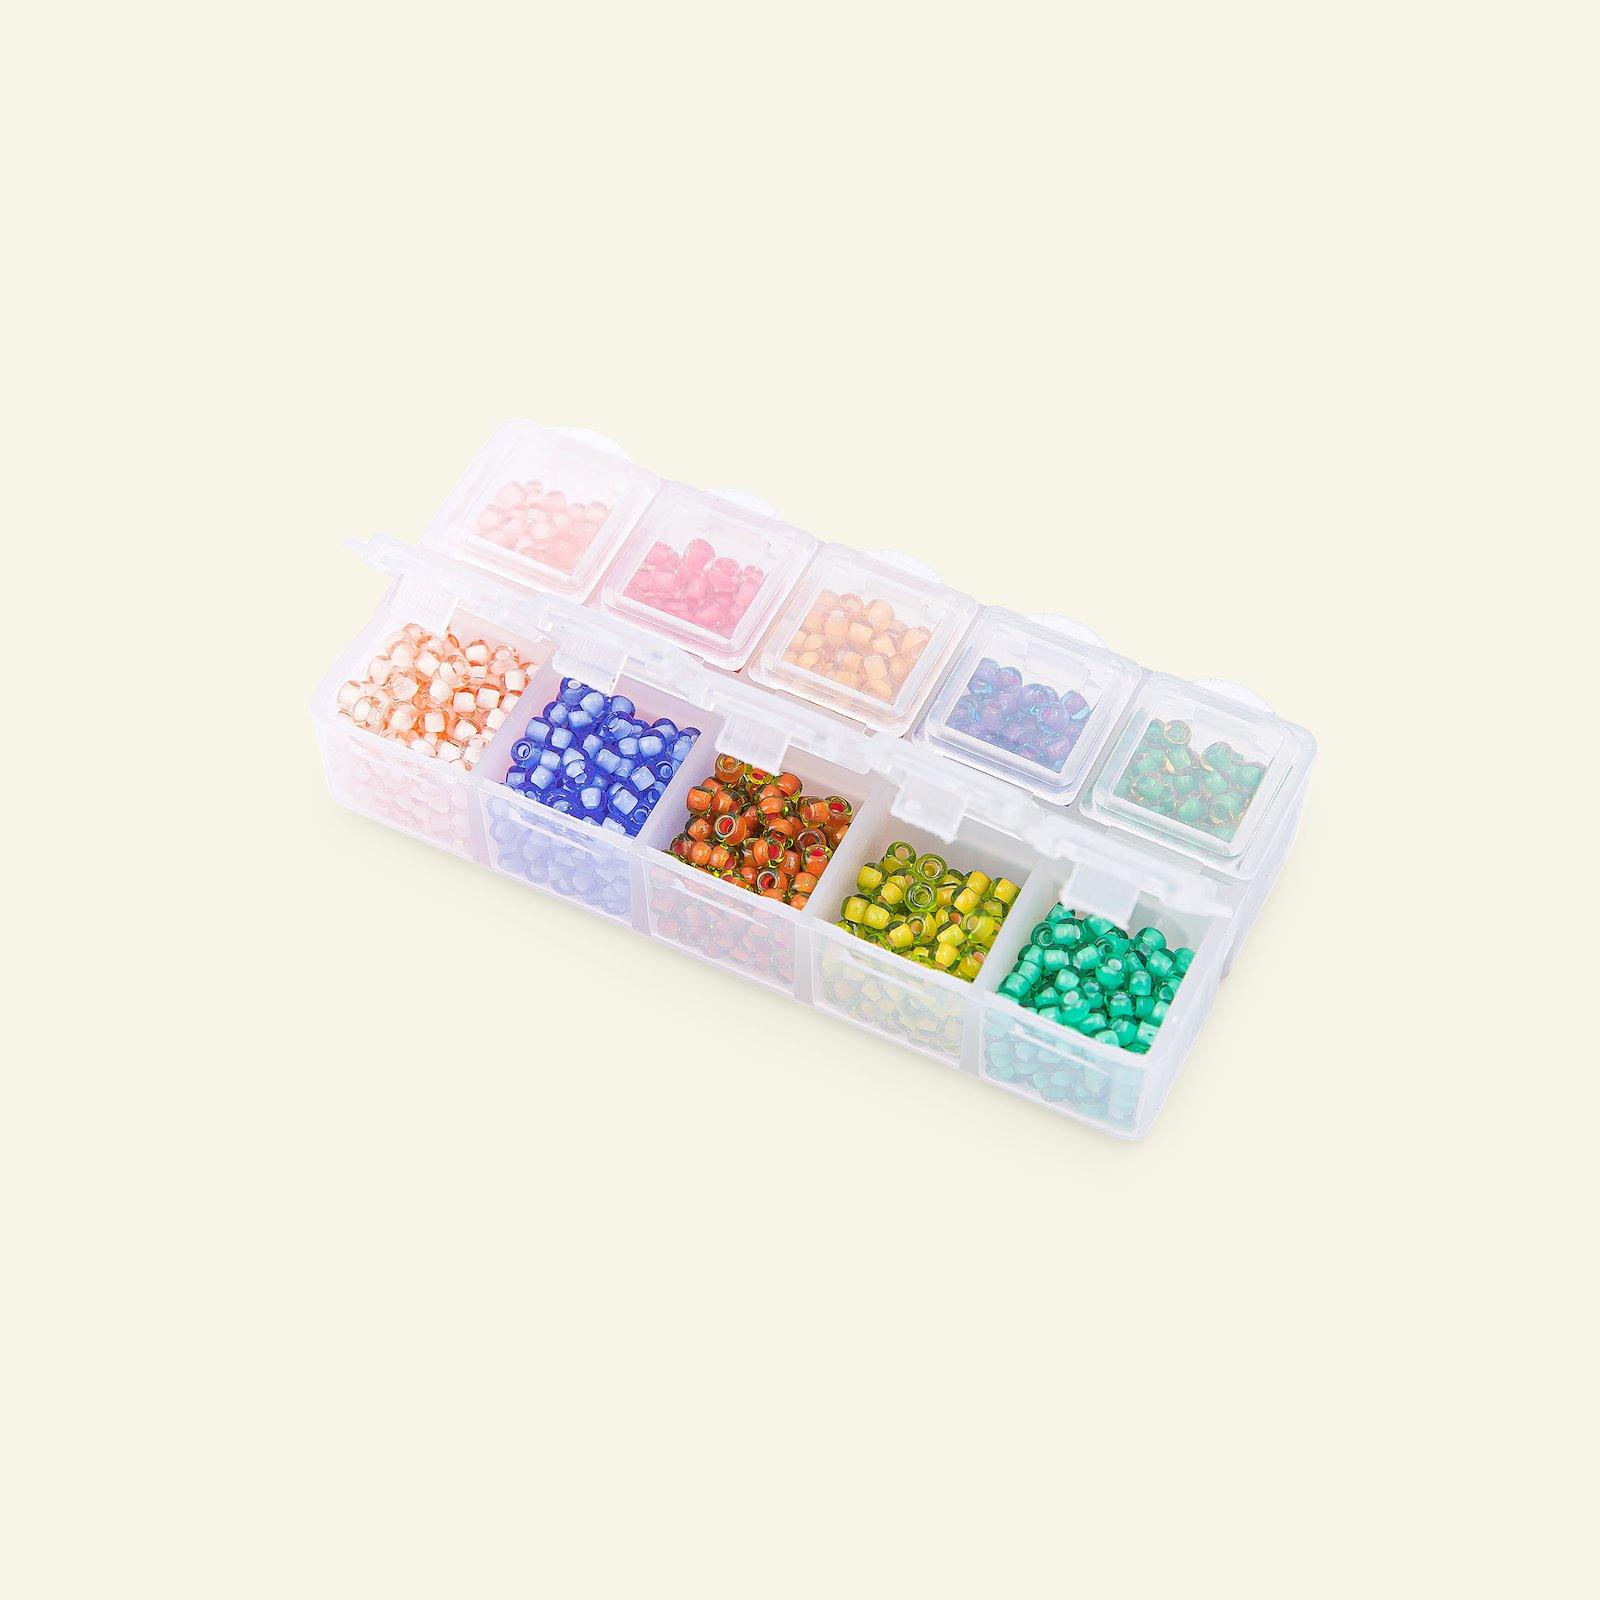 Matsuno glass bead round 8/0 10 col. 40g 47198_pack_b